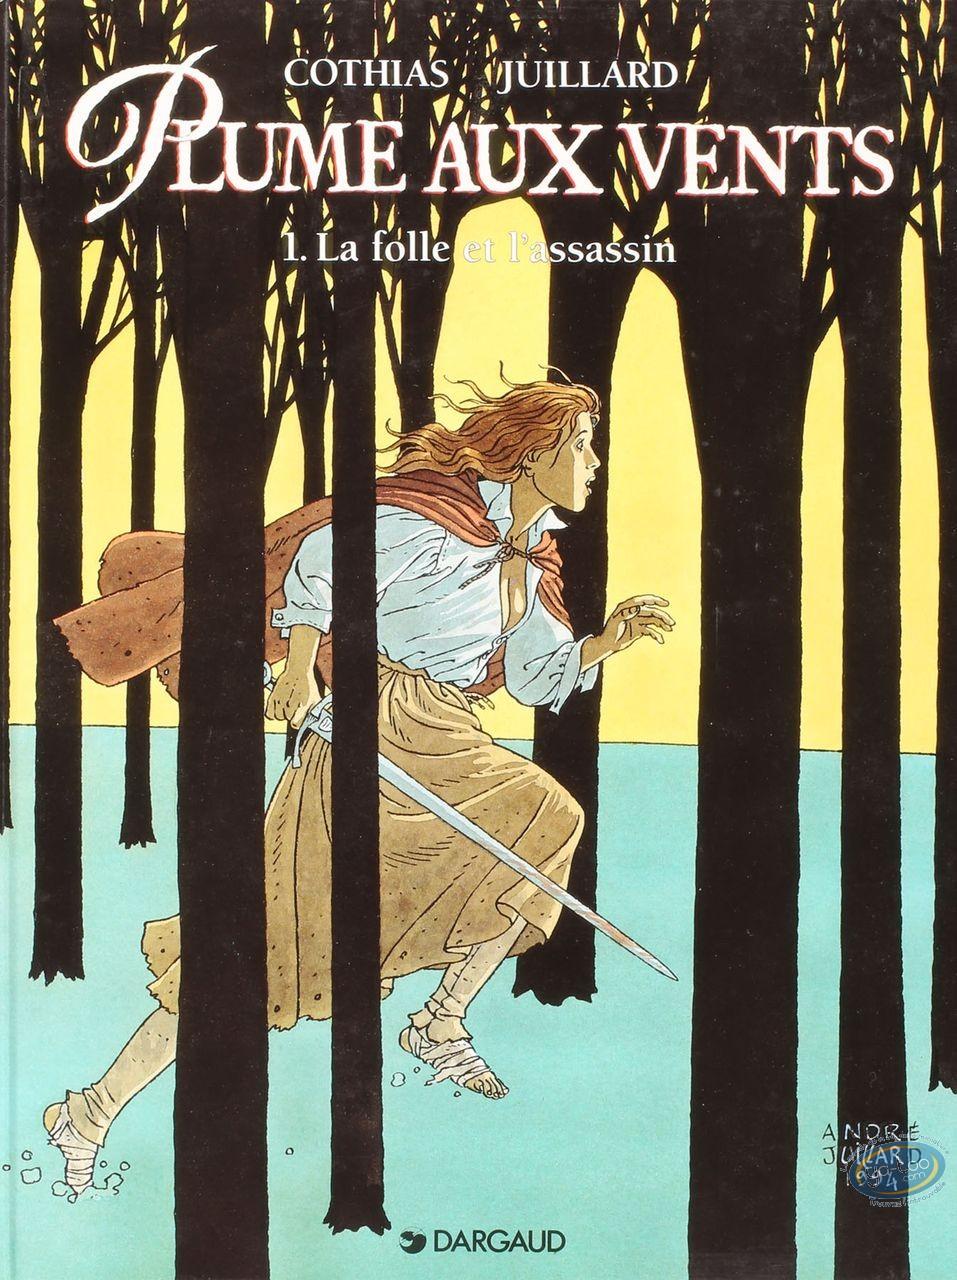 Listed European Comic Books, Plume aux Vents : La Folle et l'Assassin